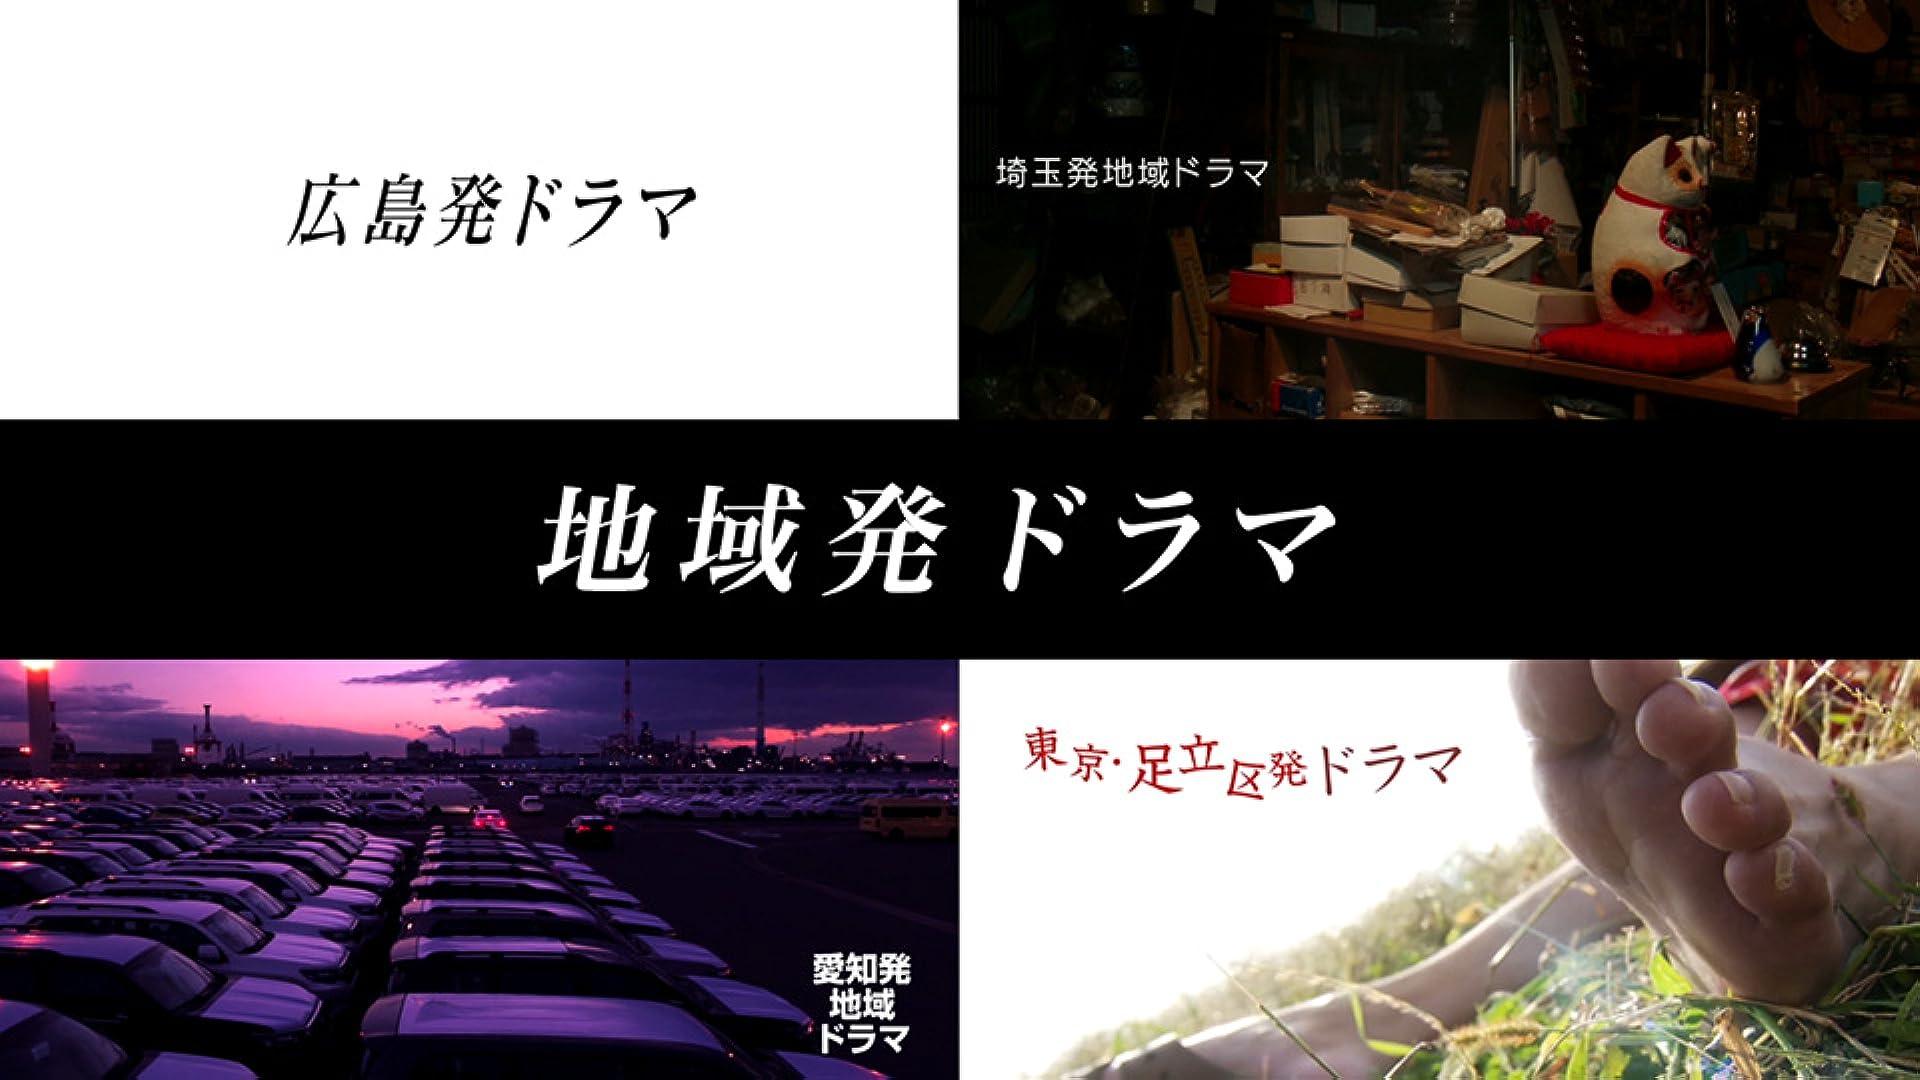 地域発ドラマ(NHKオンデマンド)